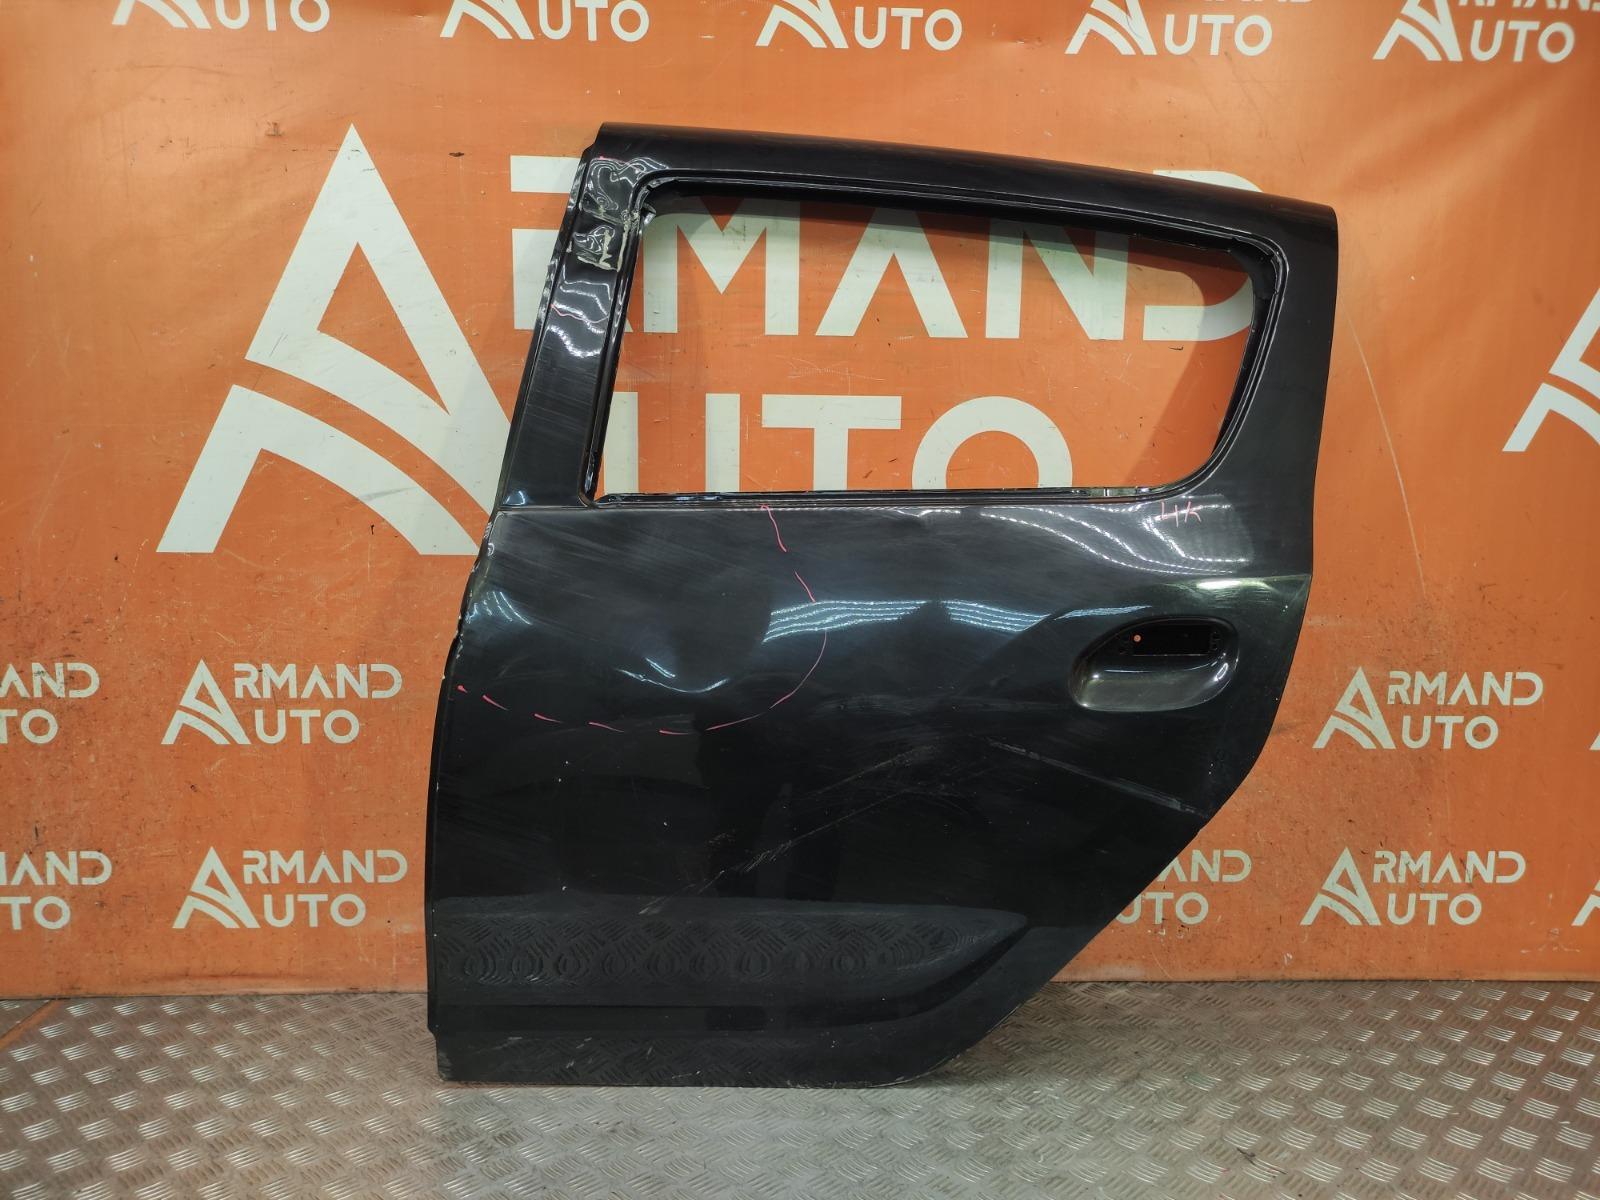 Дверь задняя левая Renault Sandero 2013-нв 2 821010747R контрактная